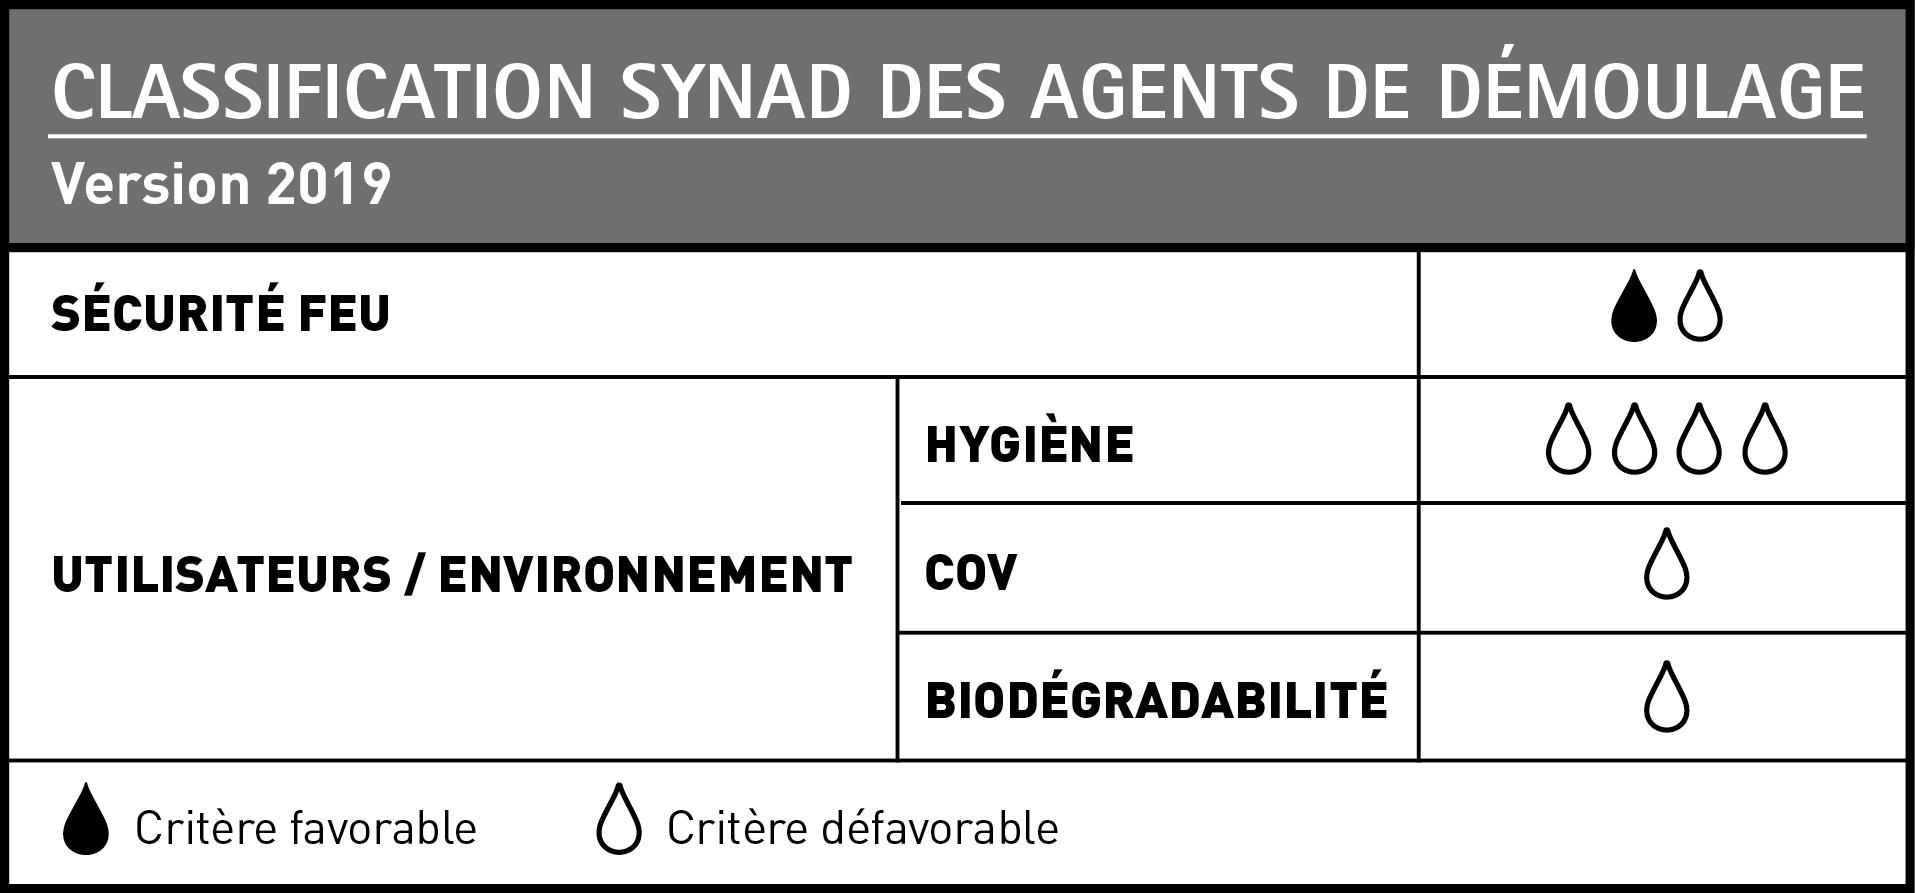 02-FR-Synad-1-0-0-0.jpg